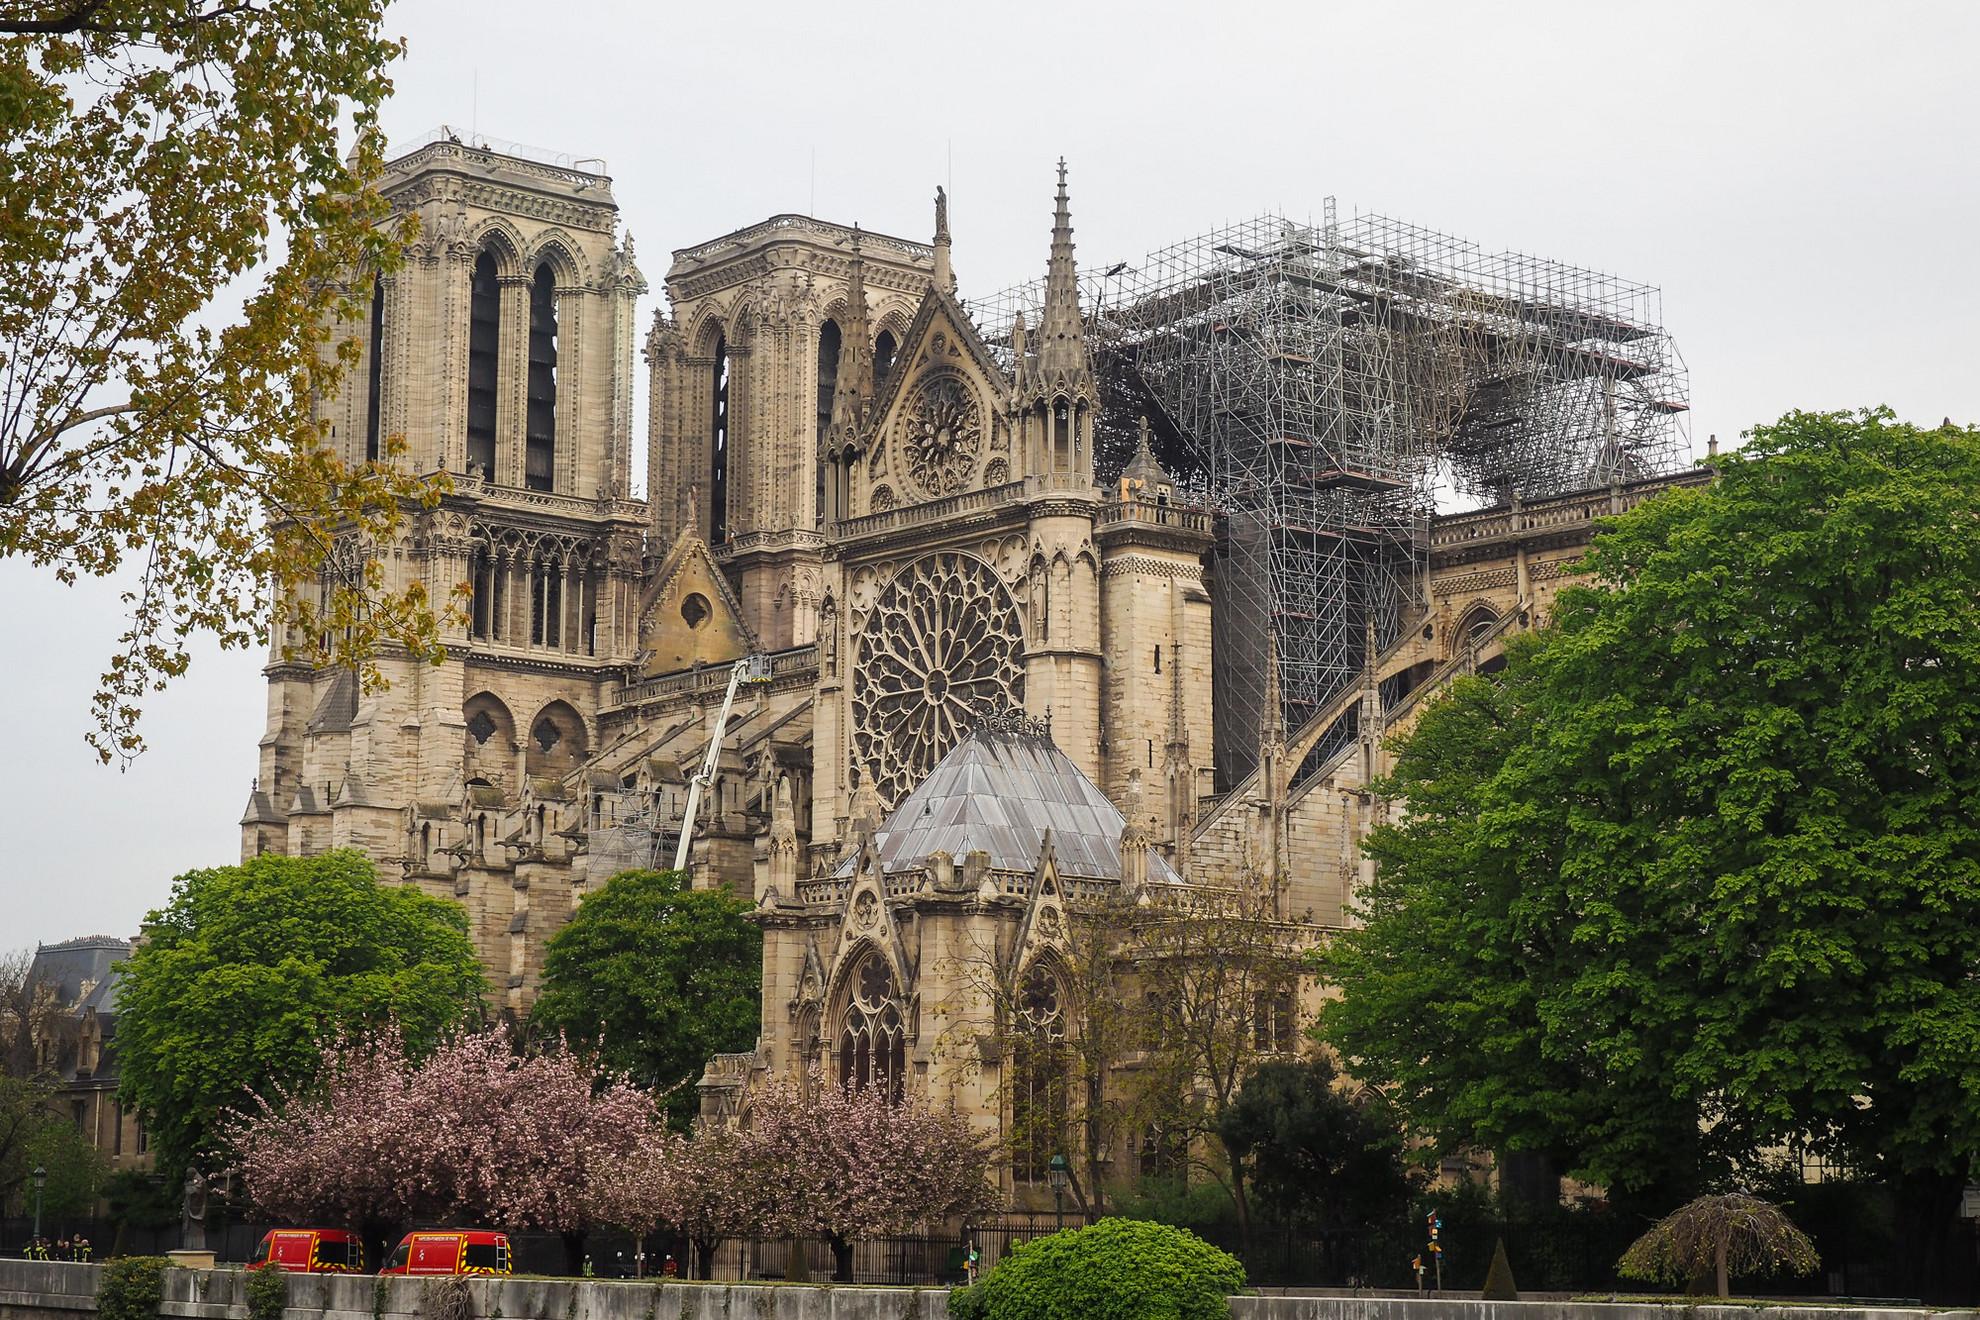 Claude Gauvard történész: Ez Párizs egyik jelképe, a béke, az egység és az egyetértés jelképe